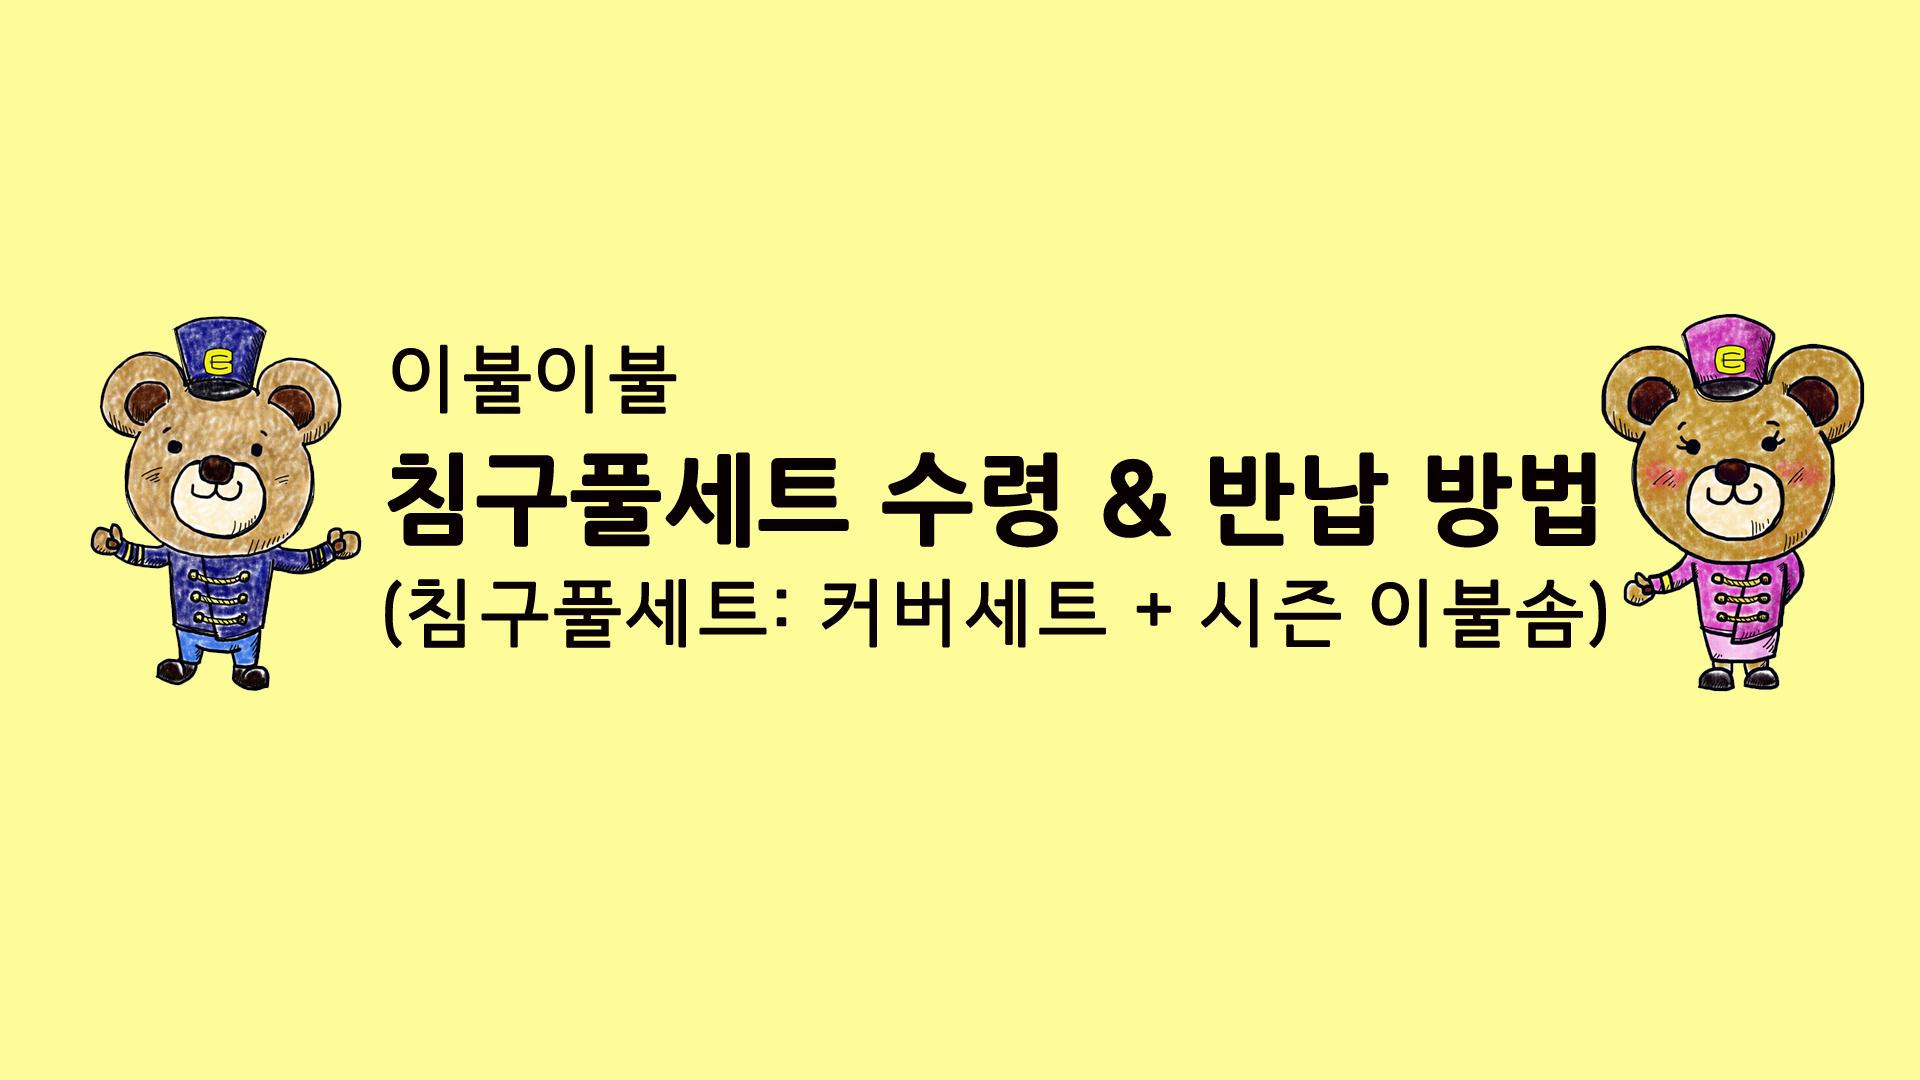 침구 풀세트 수령&반납 동영상